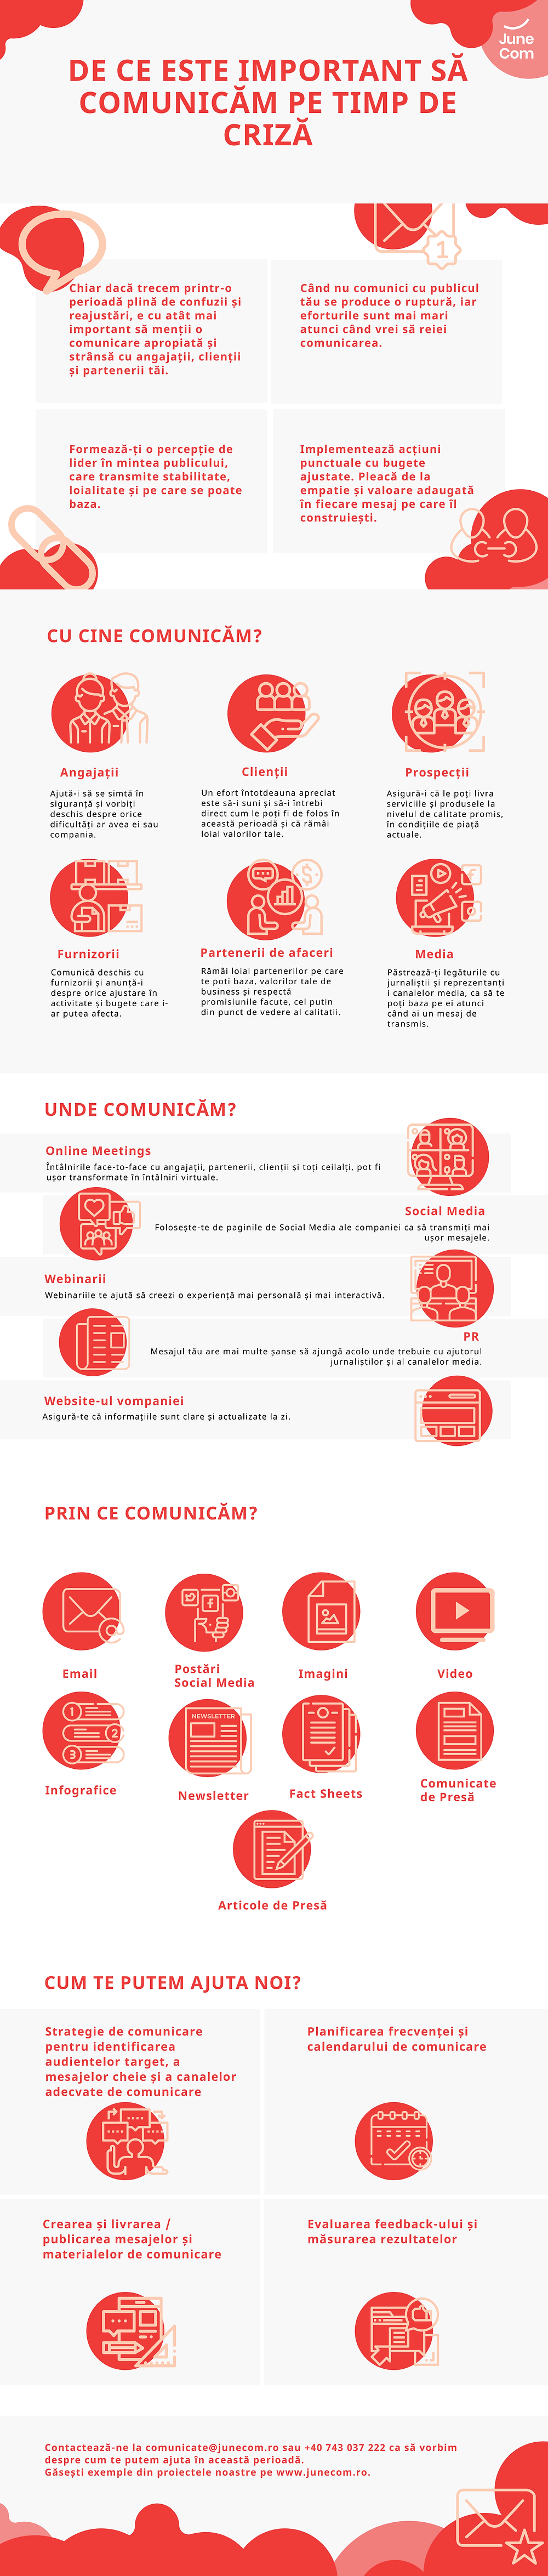 Infografic de ce este important sa comunicam pe timp de criza